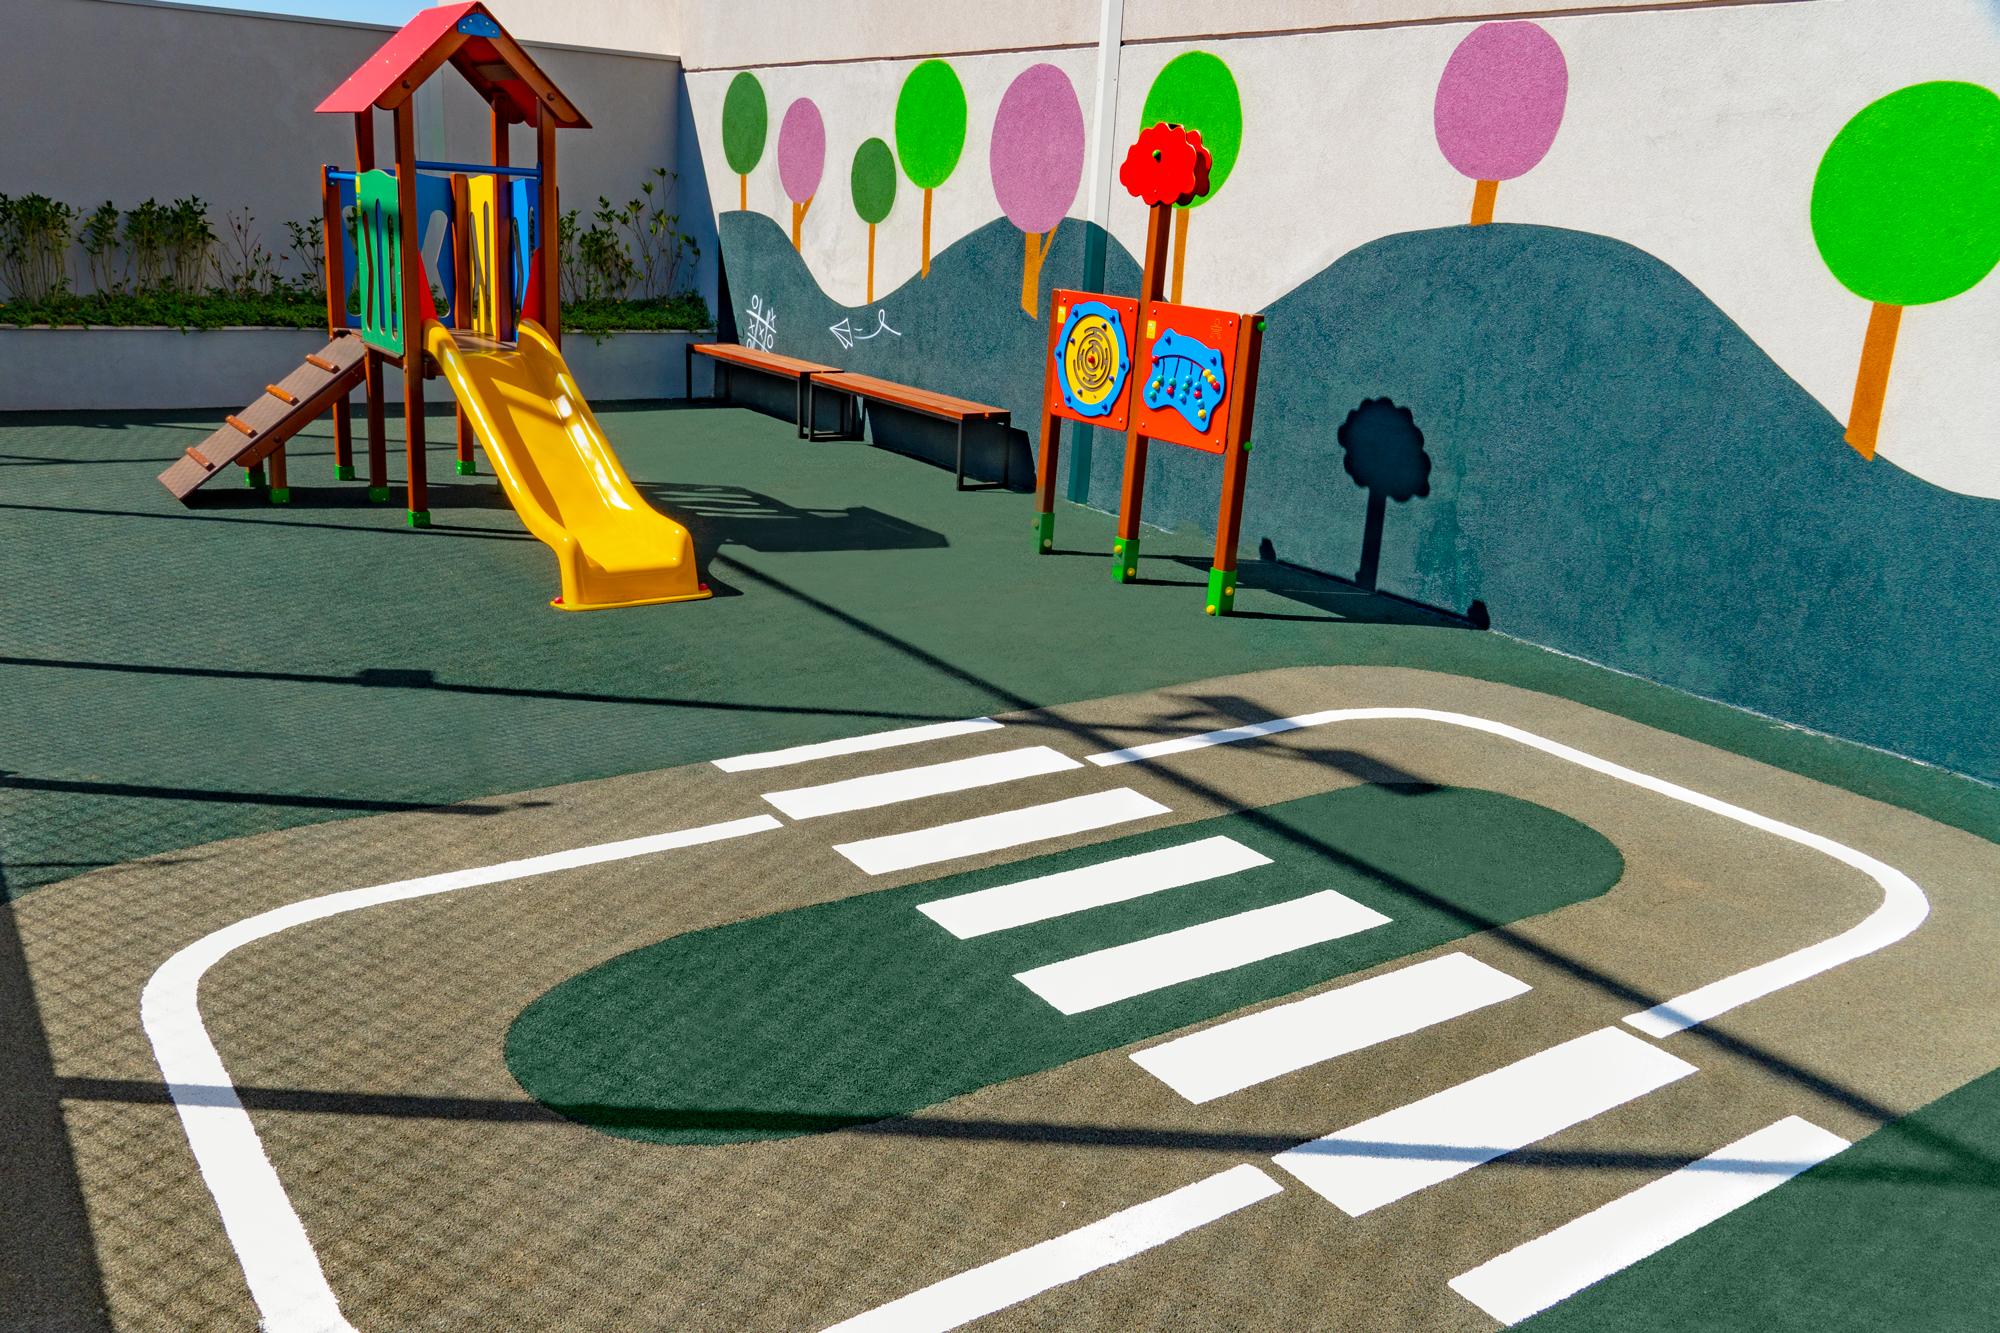 Segurança vem primeiro: por que aplicar pisos de borracha no playground?